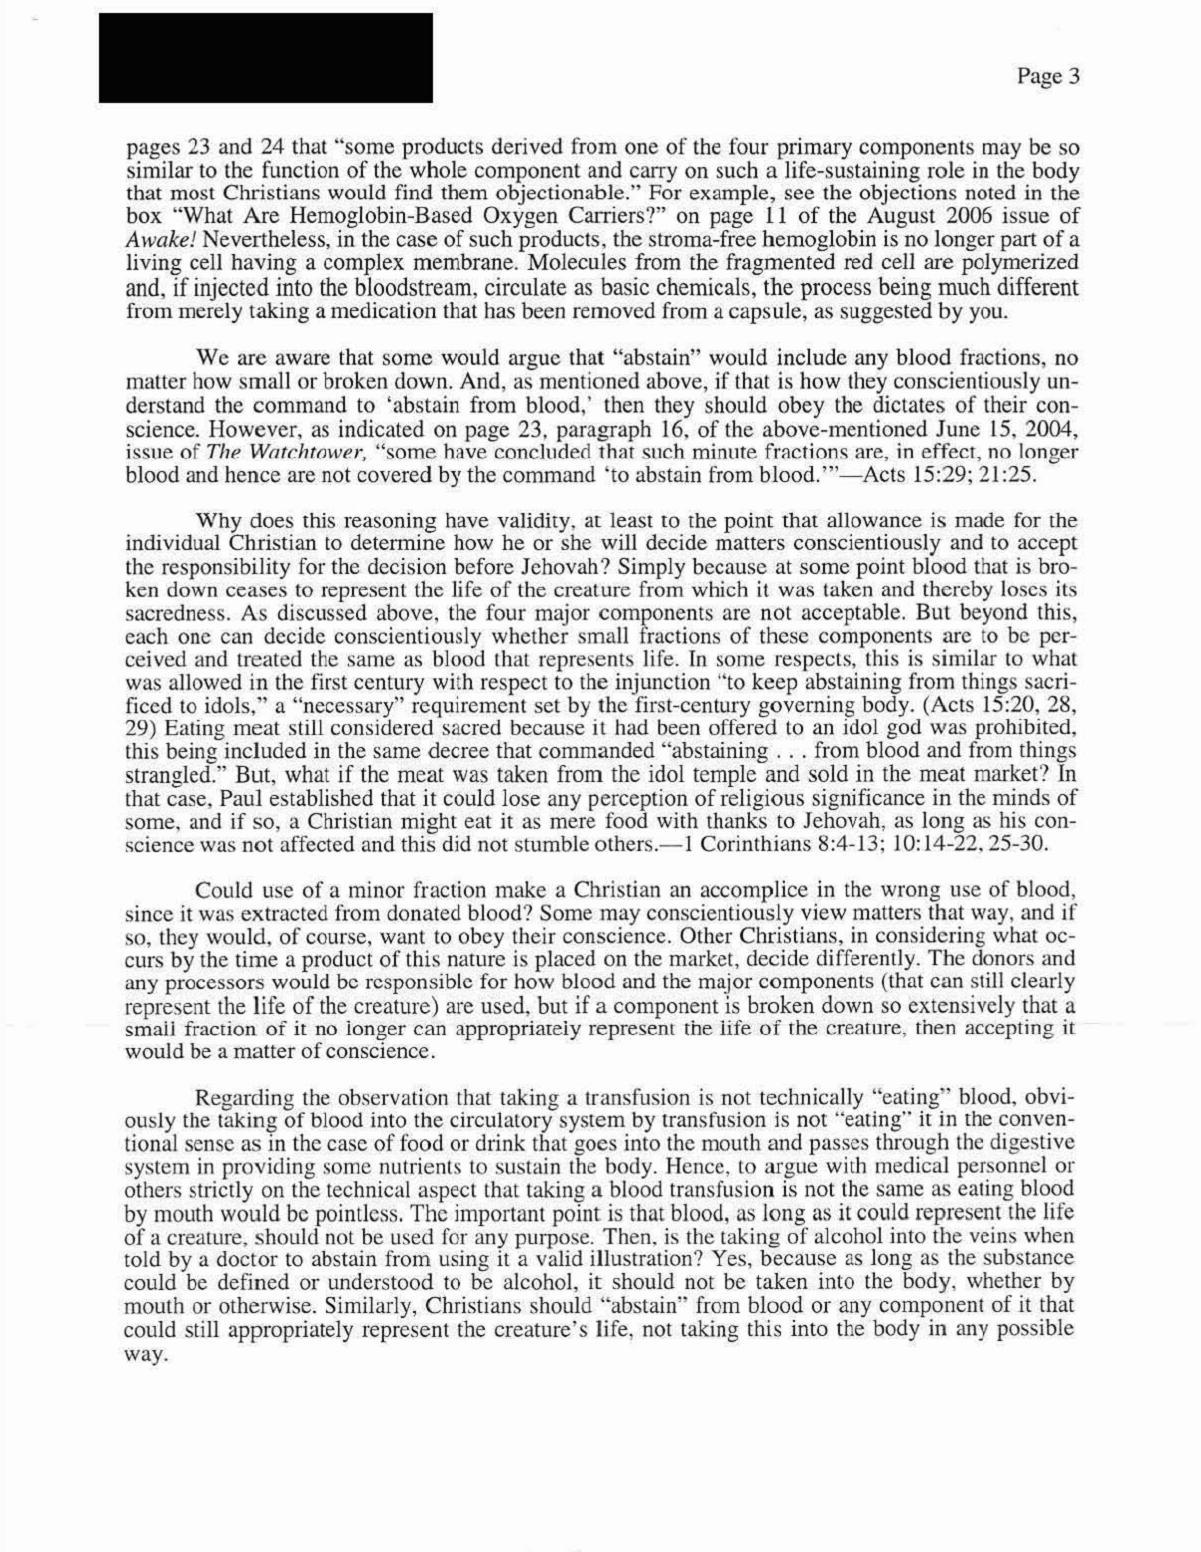 Carta da Watchtower que revela mais pormenores sobre o entendimento sobre o uso de fracções So9t